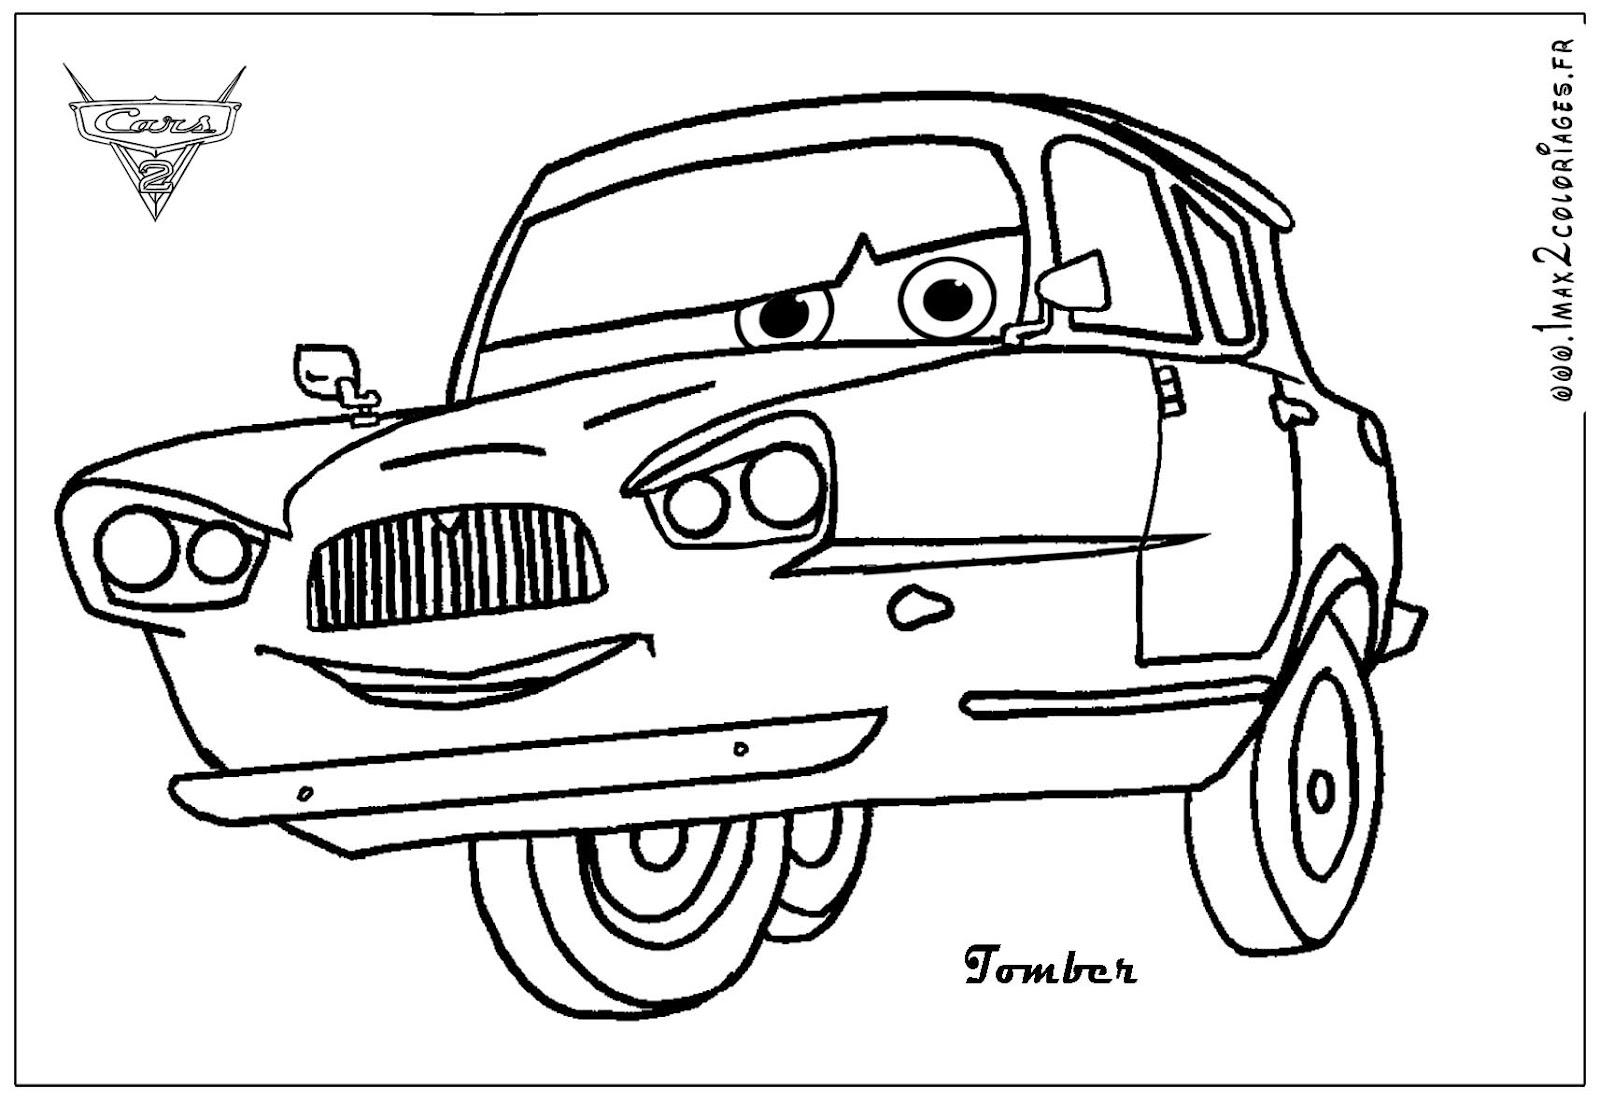 cars 2 pictures to print desenho de carros para colorir imagens para colorir 2 pictures print cars to